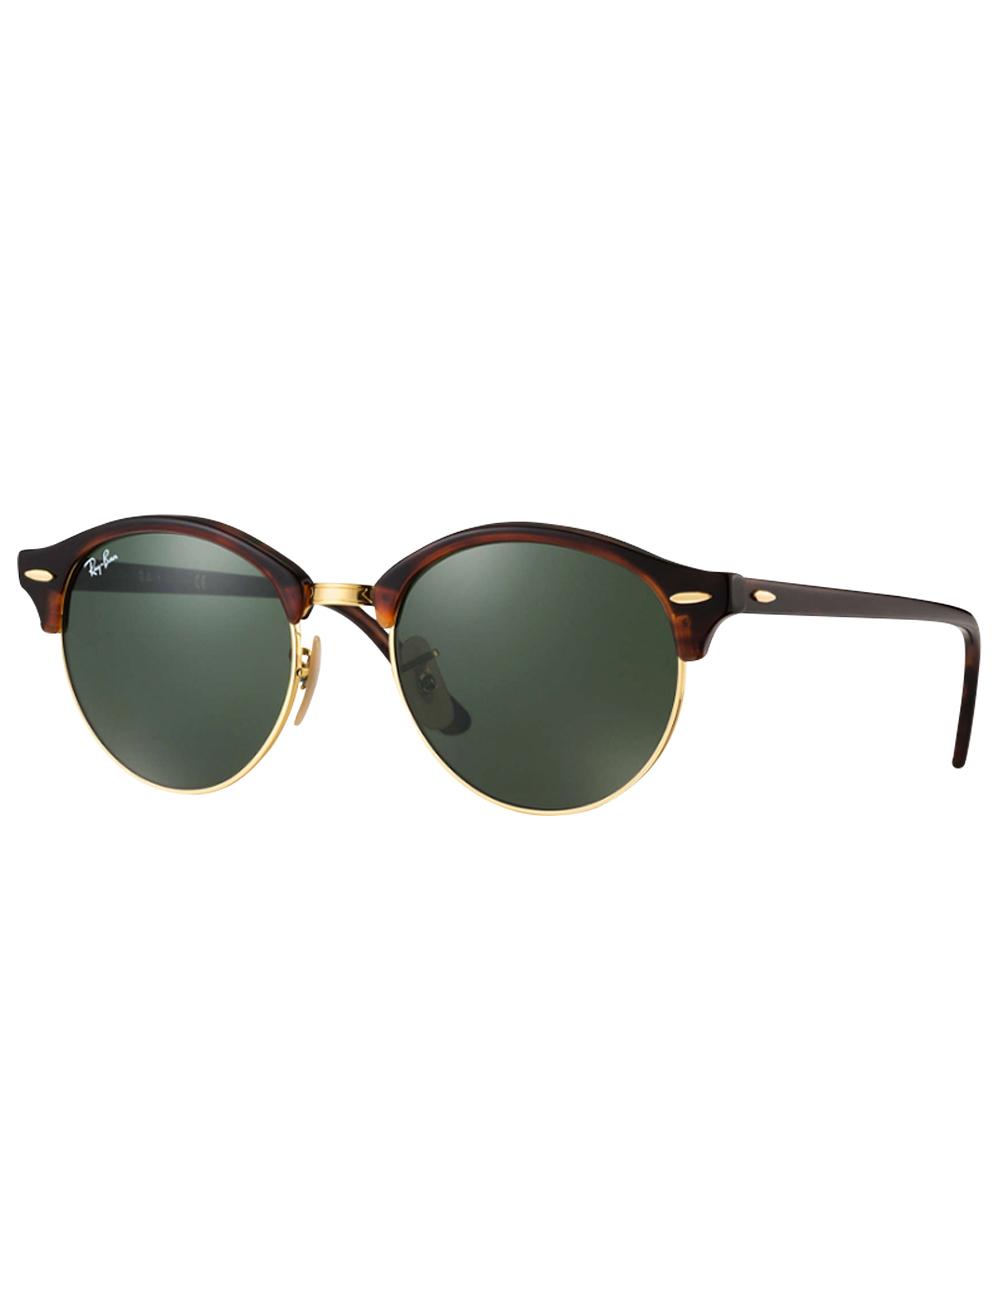 1b2440c52903c7 Damen-Sonnenbrille von Ray Ban «Clubround», Havana/goldfarben